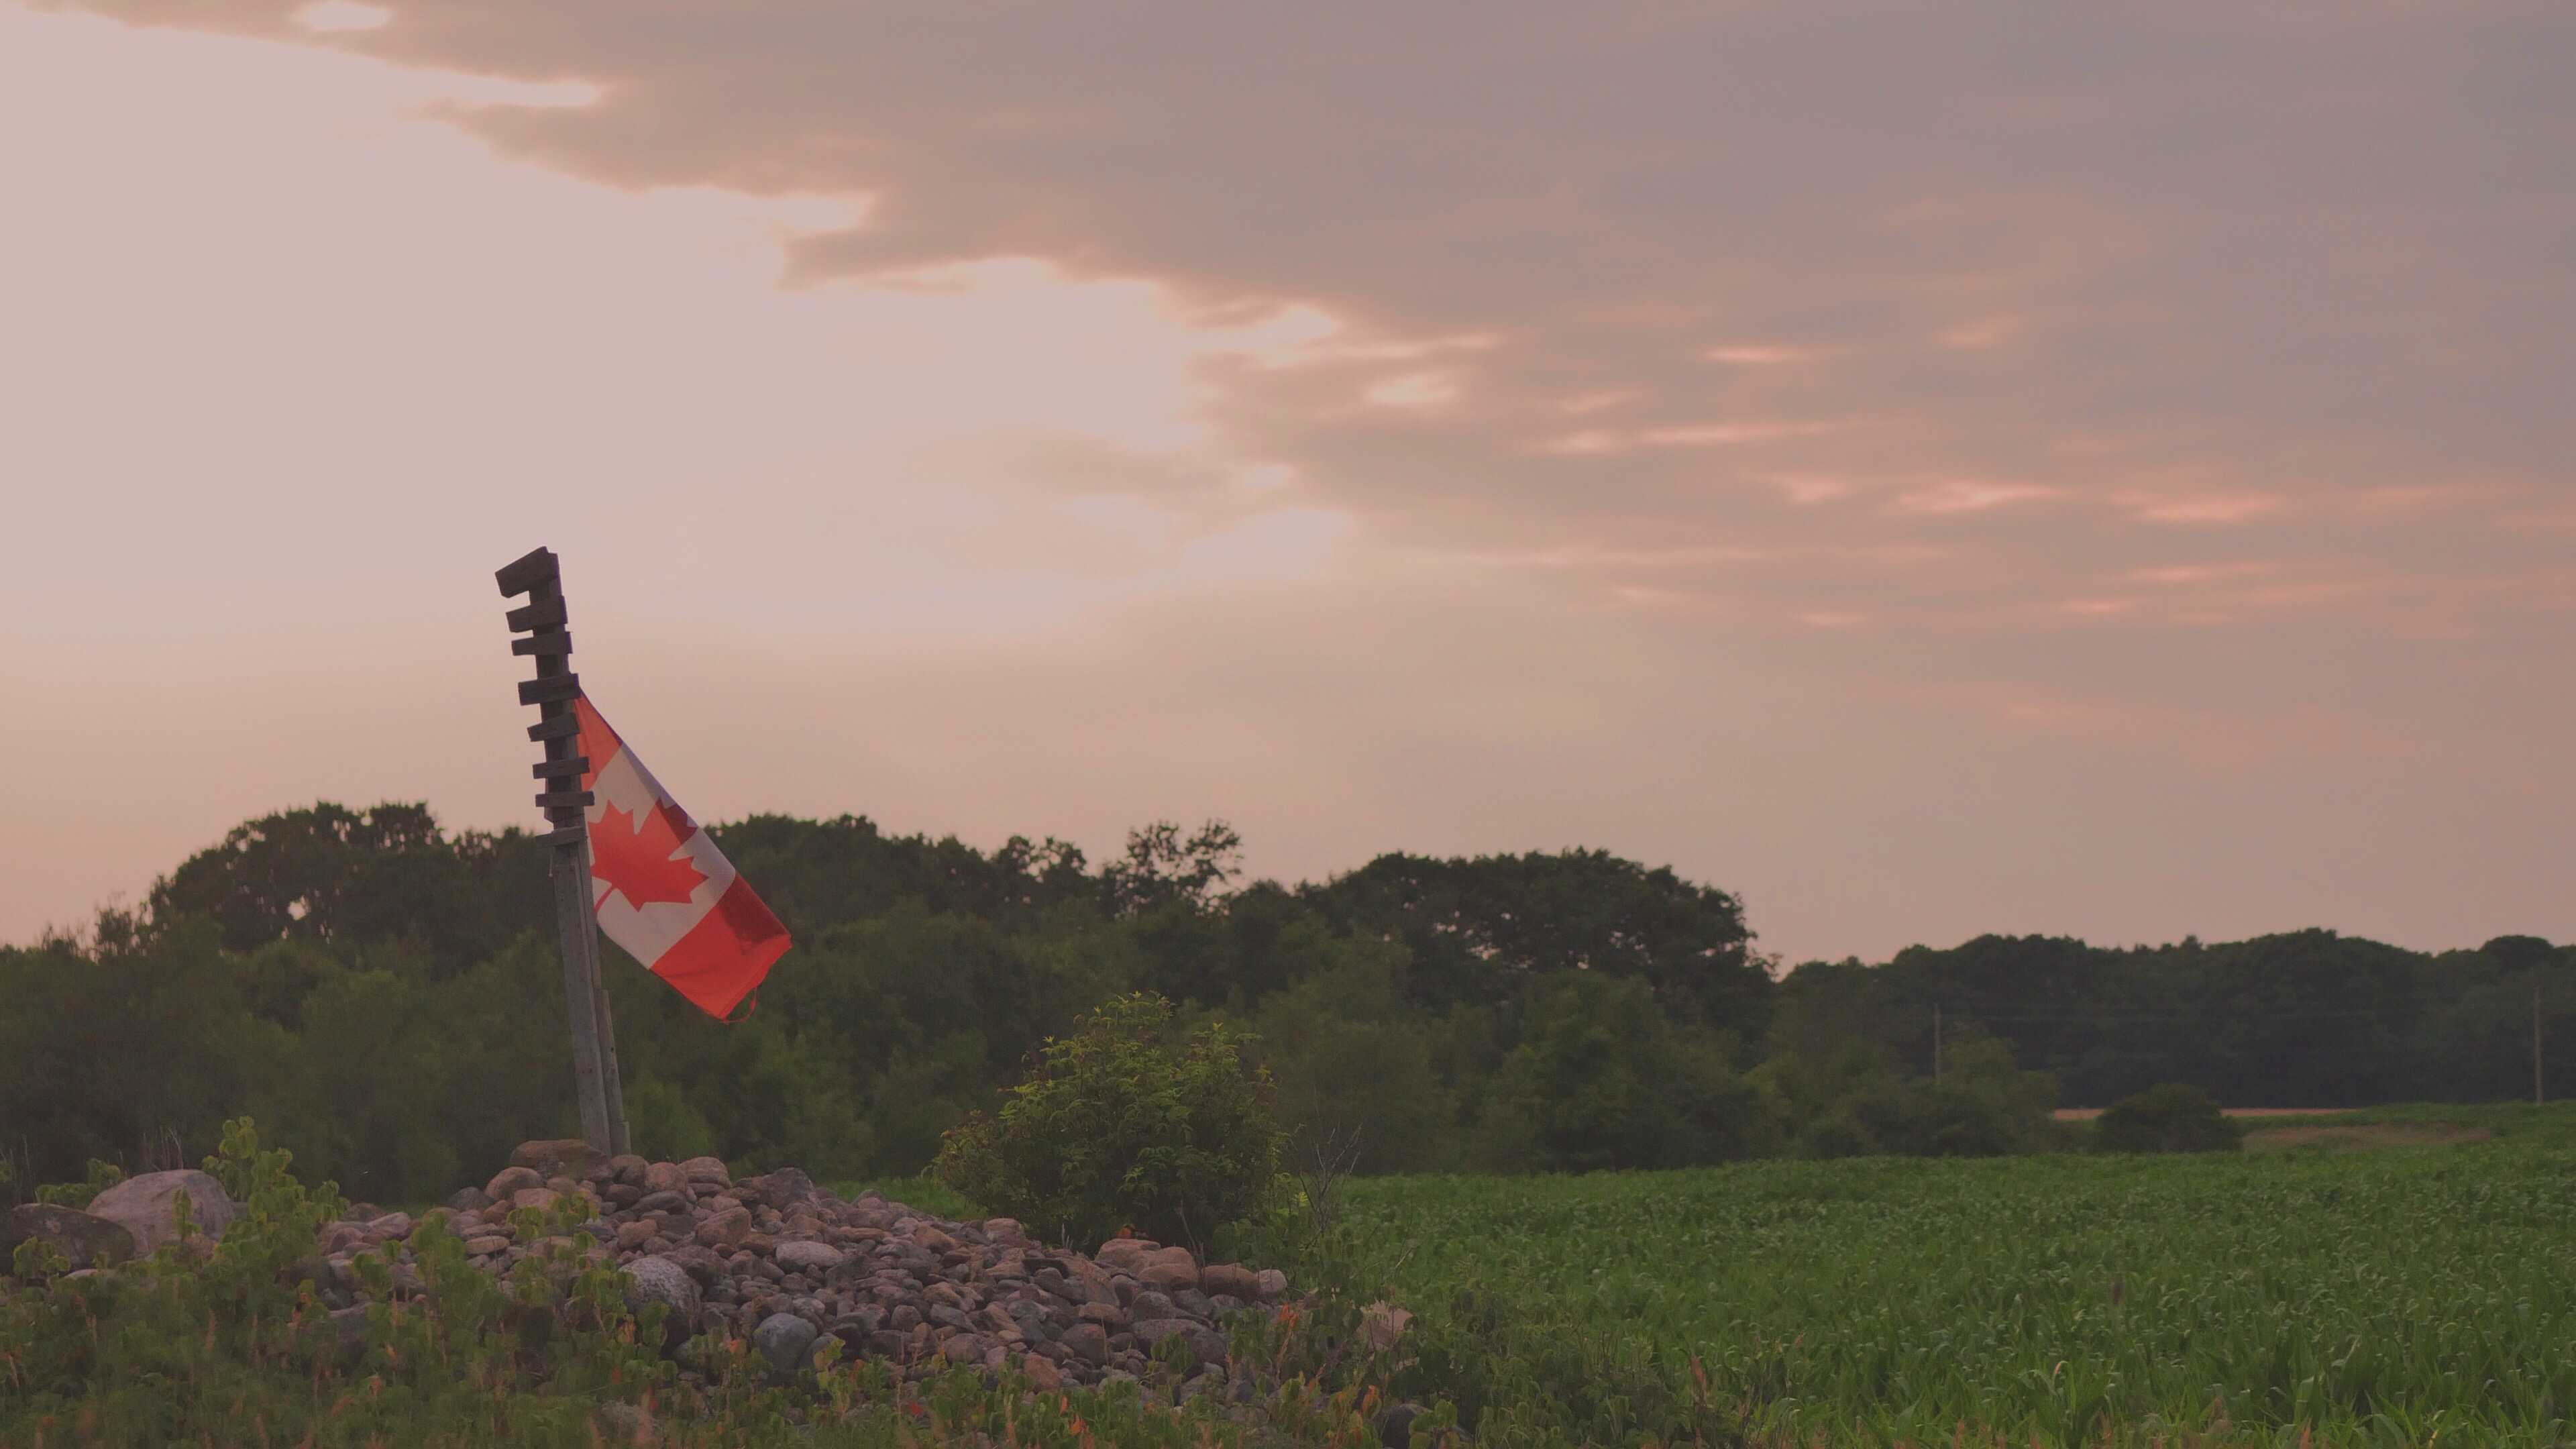 canada,ontario,barrie,flag